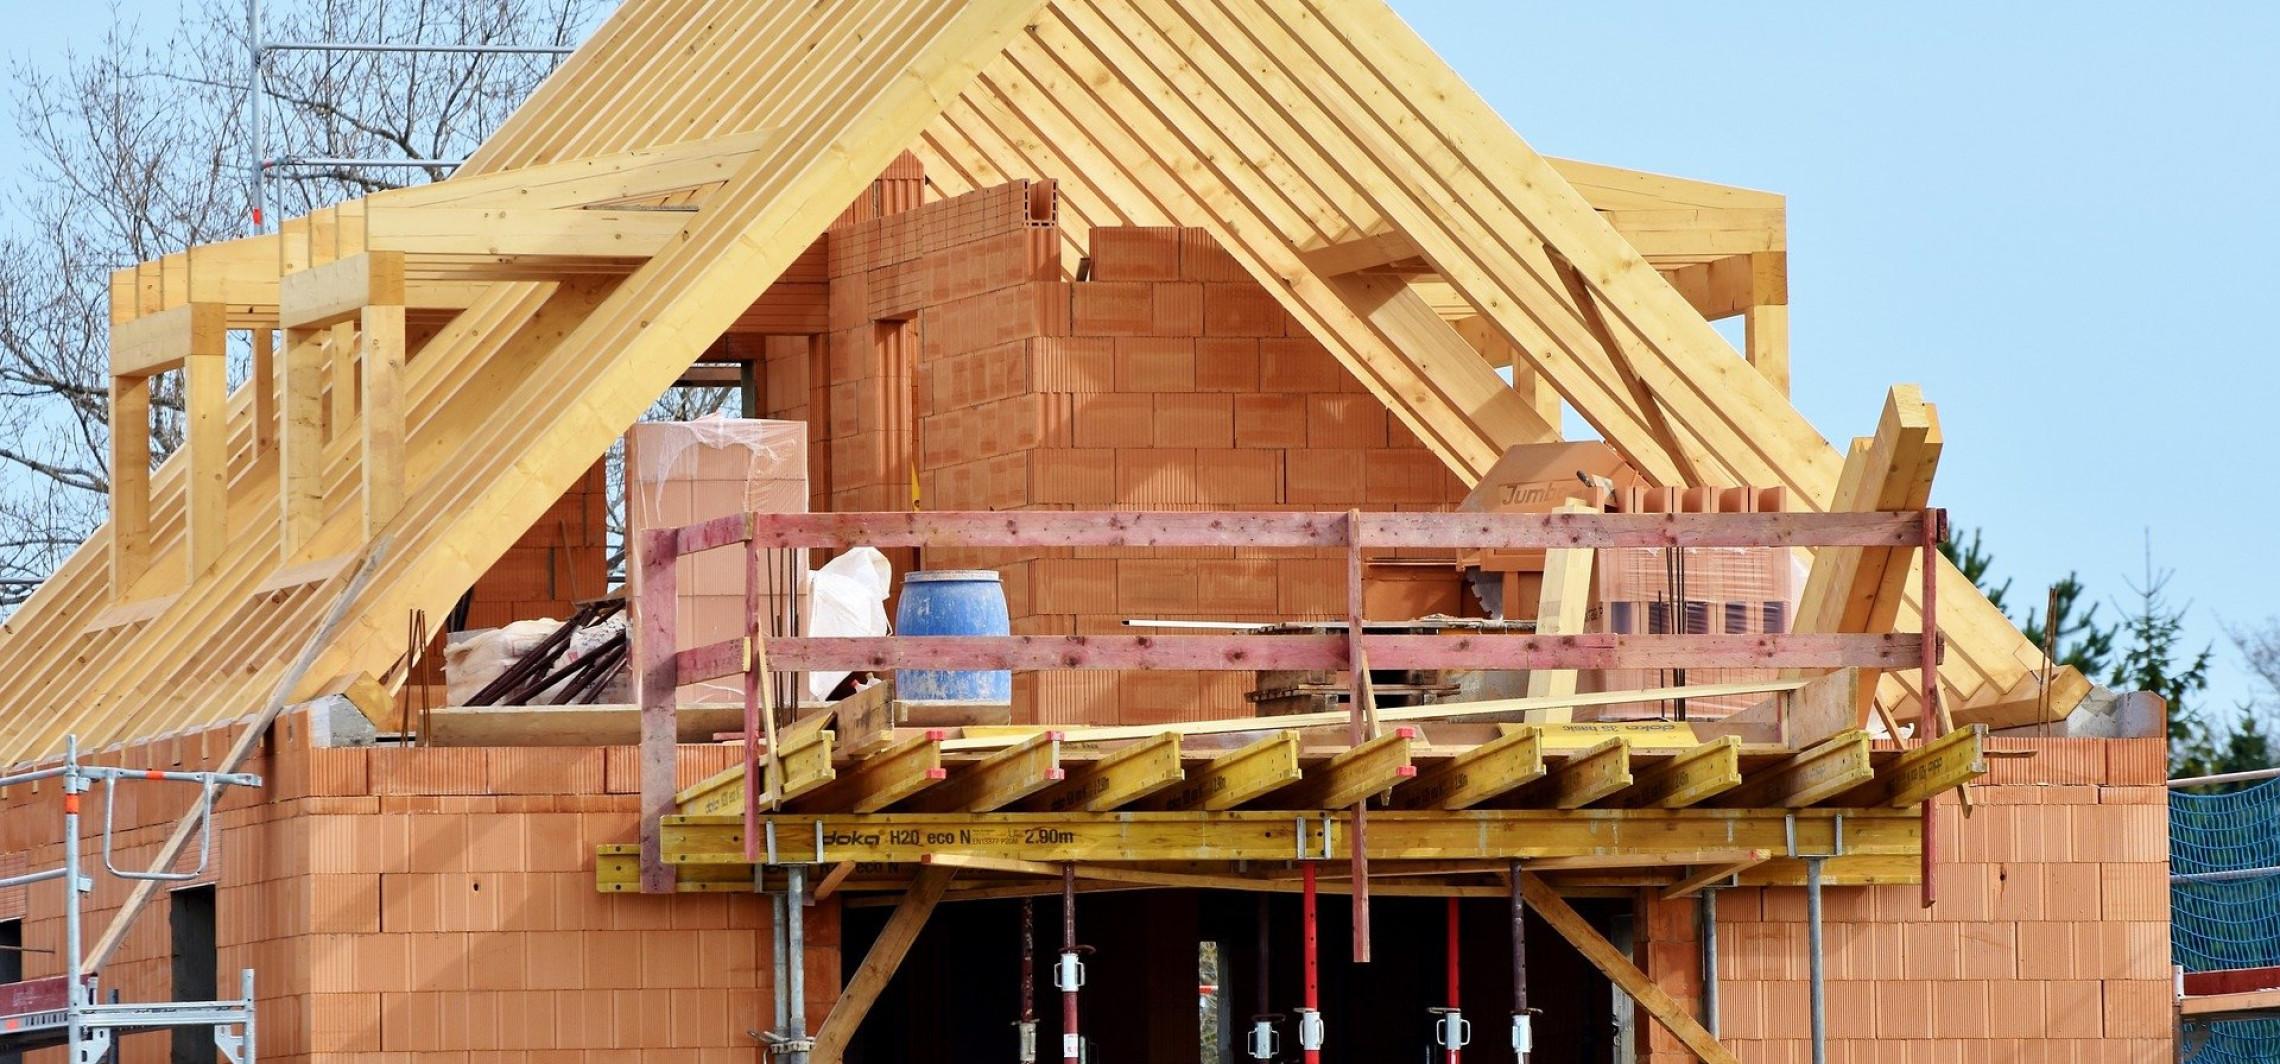 Region - Dom w budowie - za jakie szkody zapłaci ubezpieczyciel?